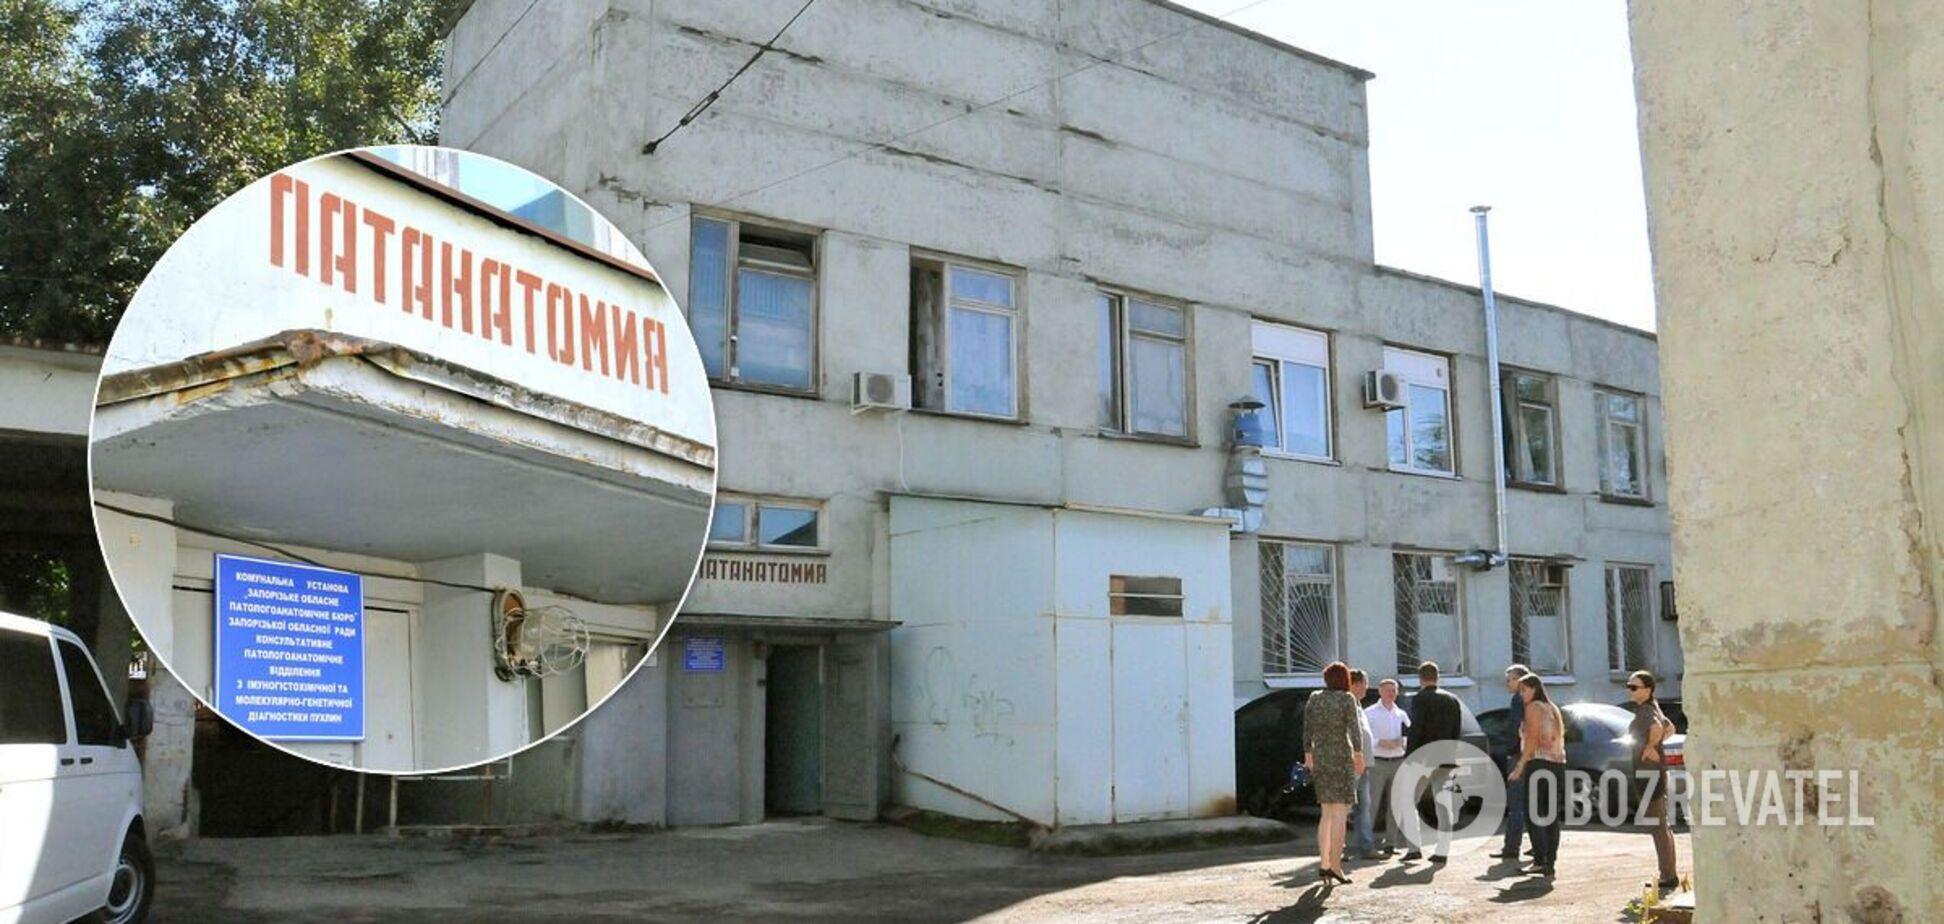 В Запорожье родным пришлось самим заносить тело умершей в морг